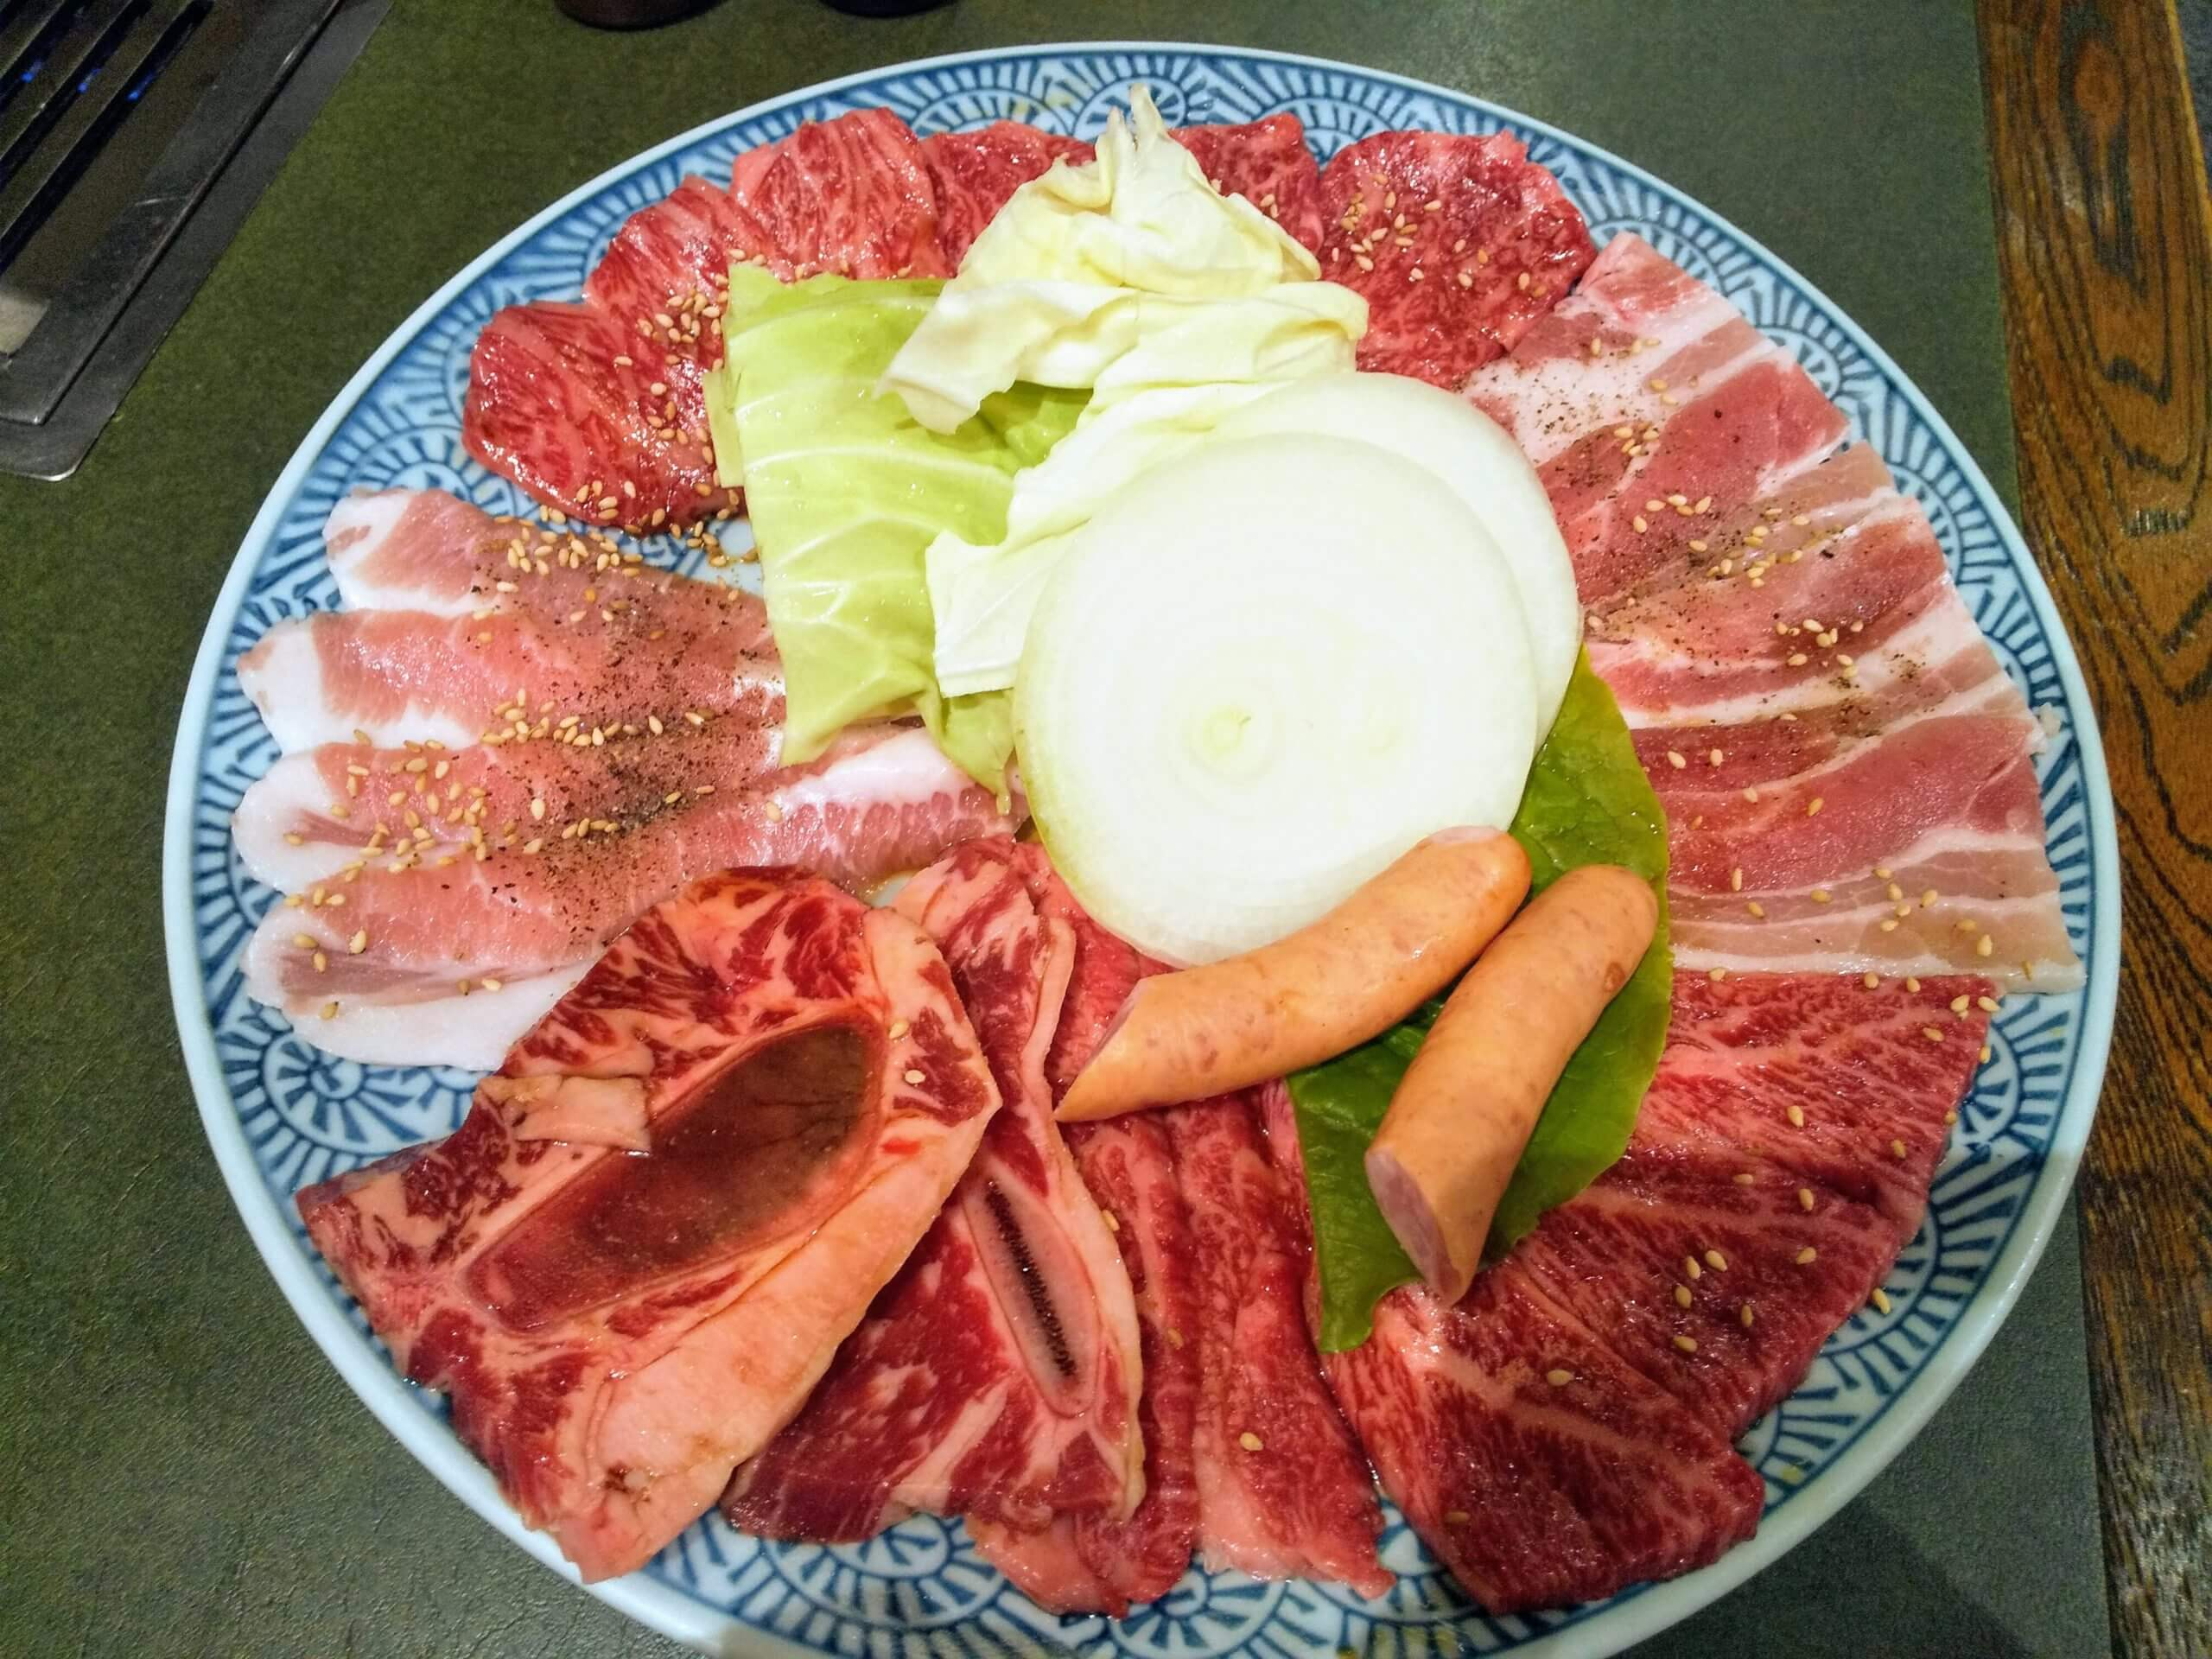 【ぱいんひる】 旨い&リーズナブルなお肉が食べたい時は是非ここへ《熊本市北区山室》